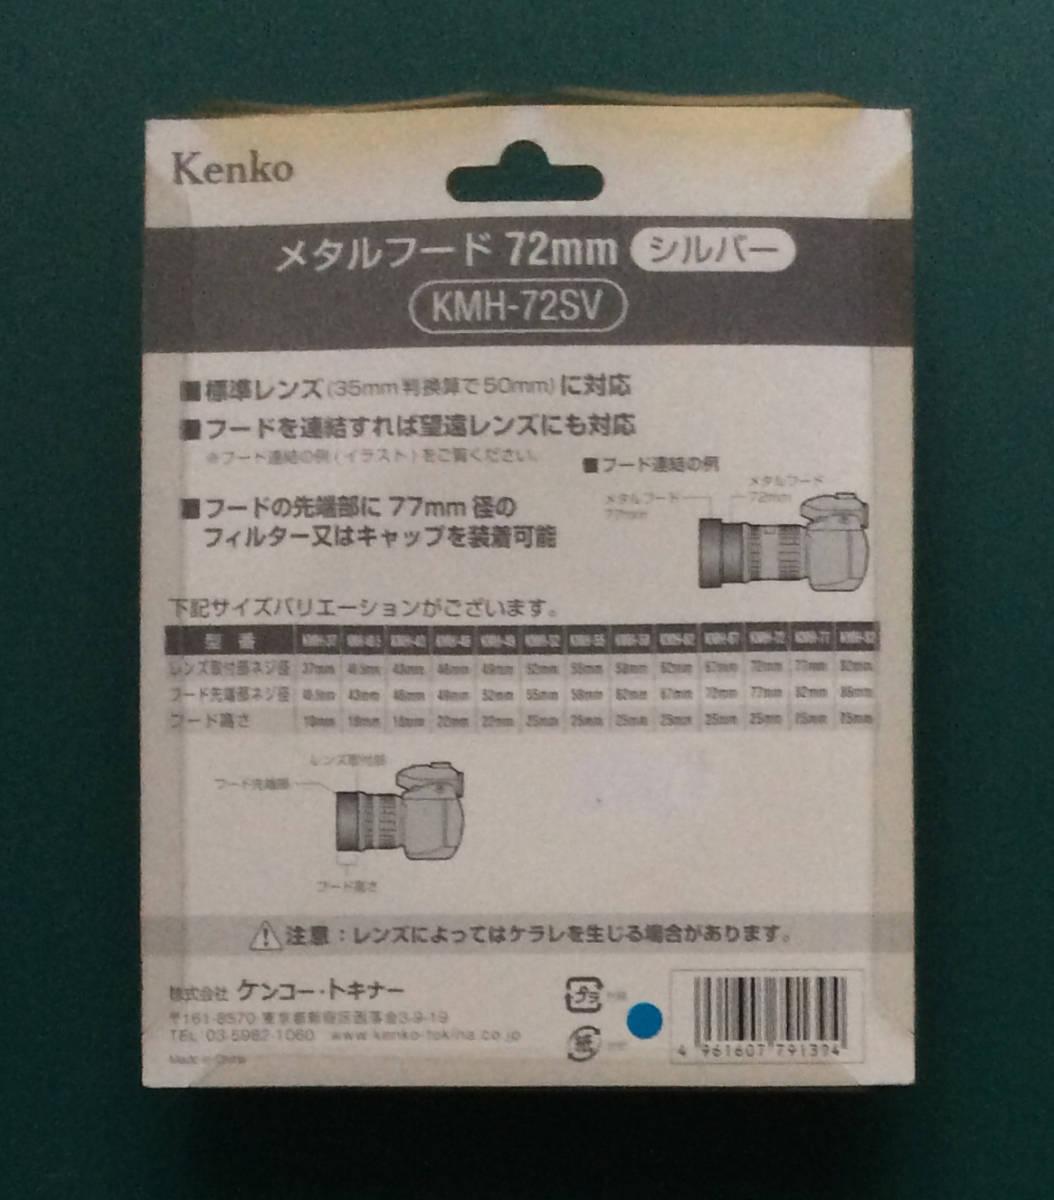 【新品】 ケンコー カメラメタルフード 72mm シルバー色 KMH-72SV 【送料198円】_画像2